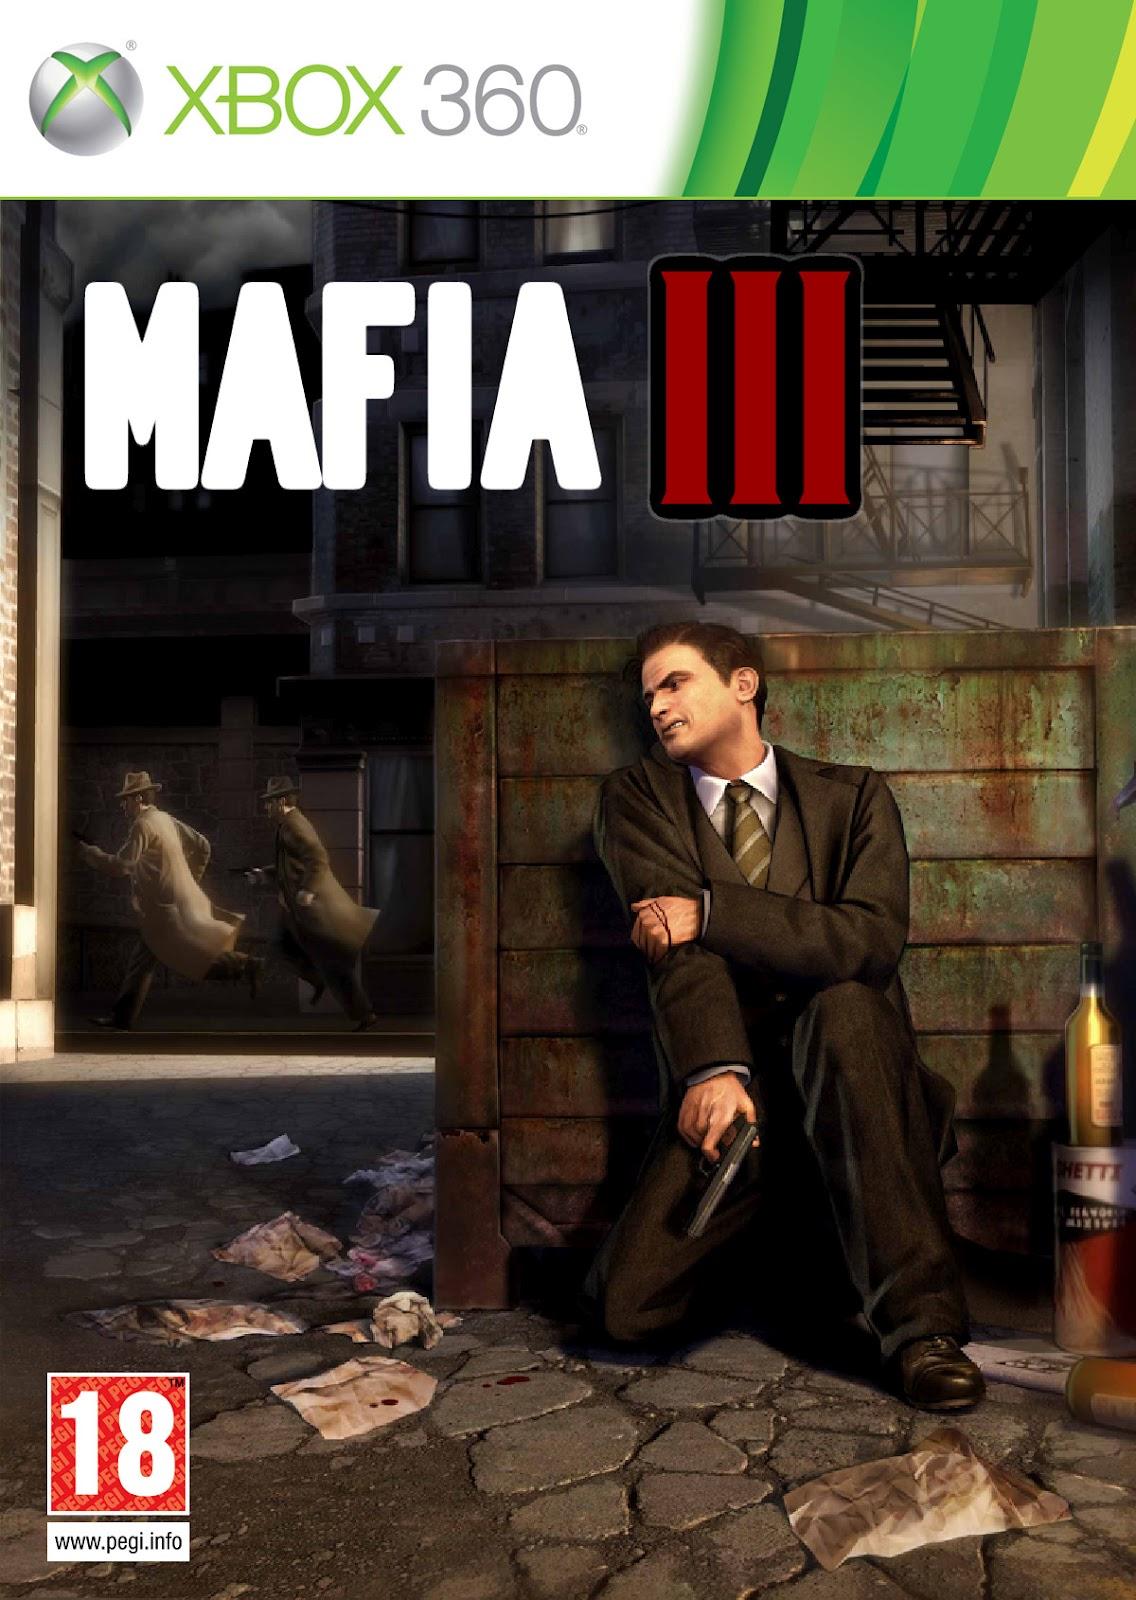 Mafia 3 release date ps4 in Brisbane